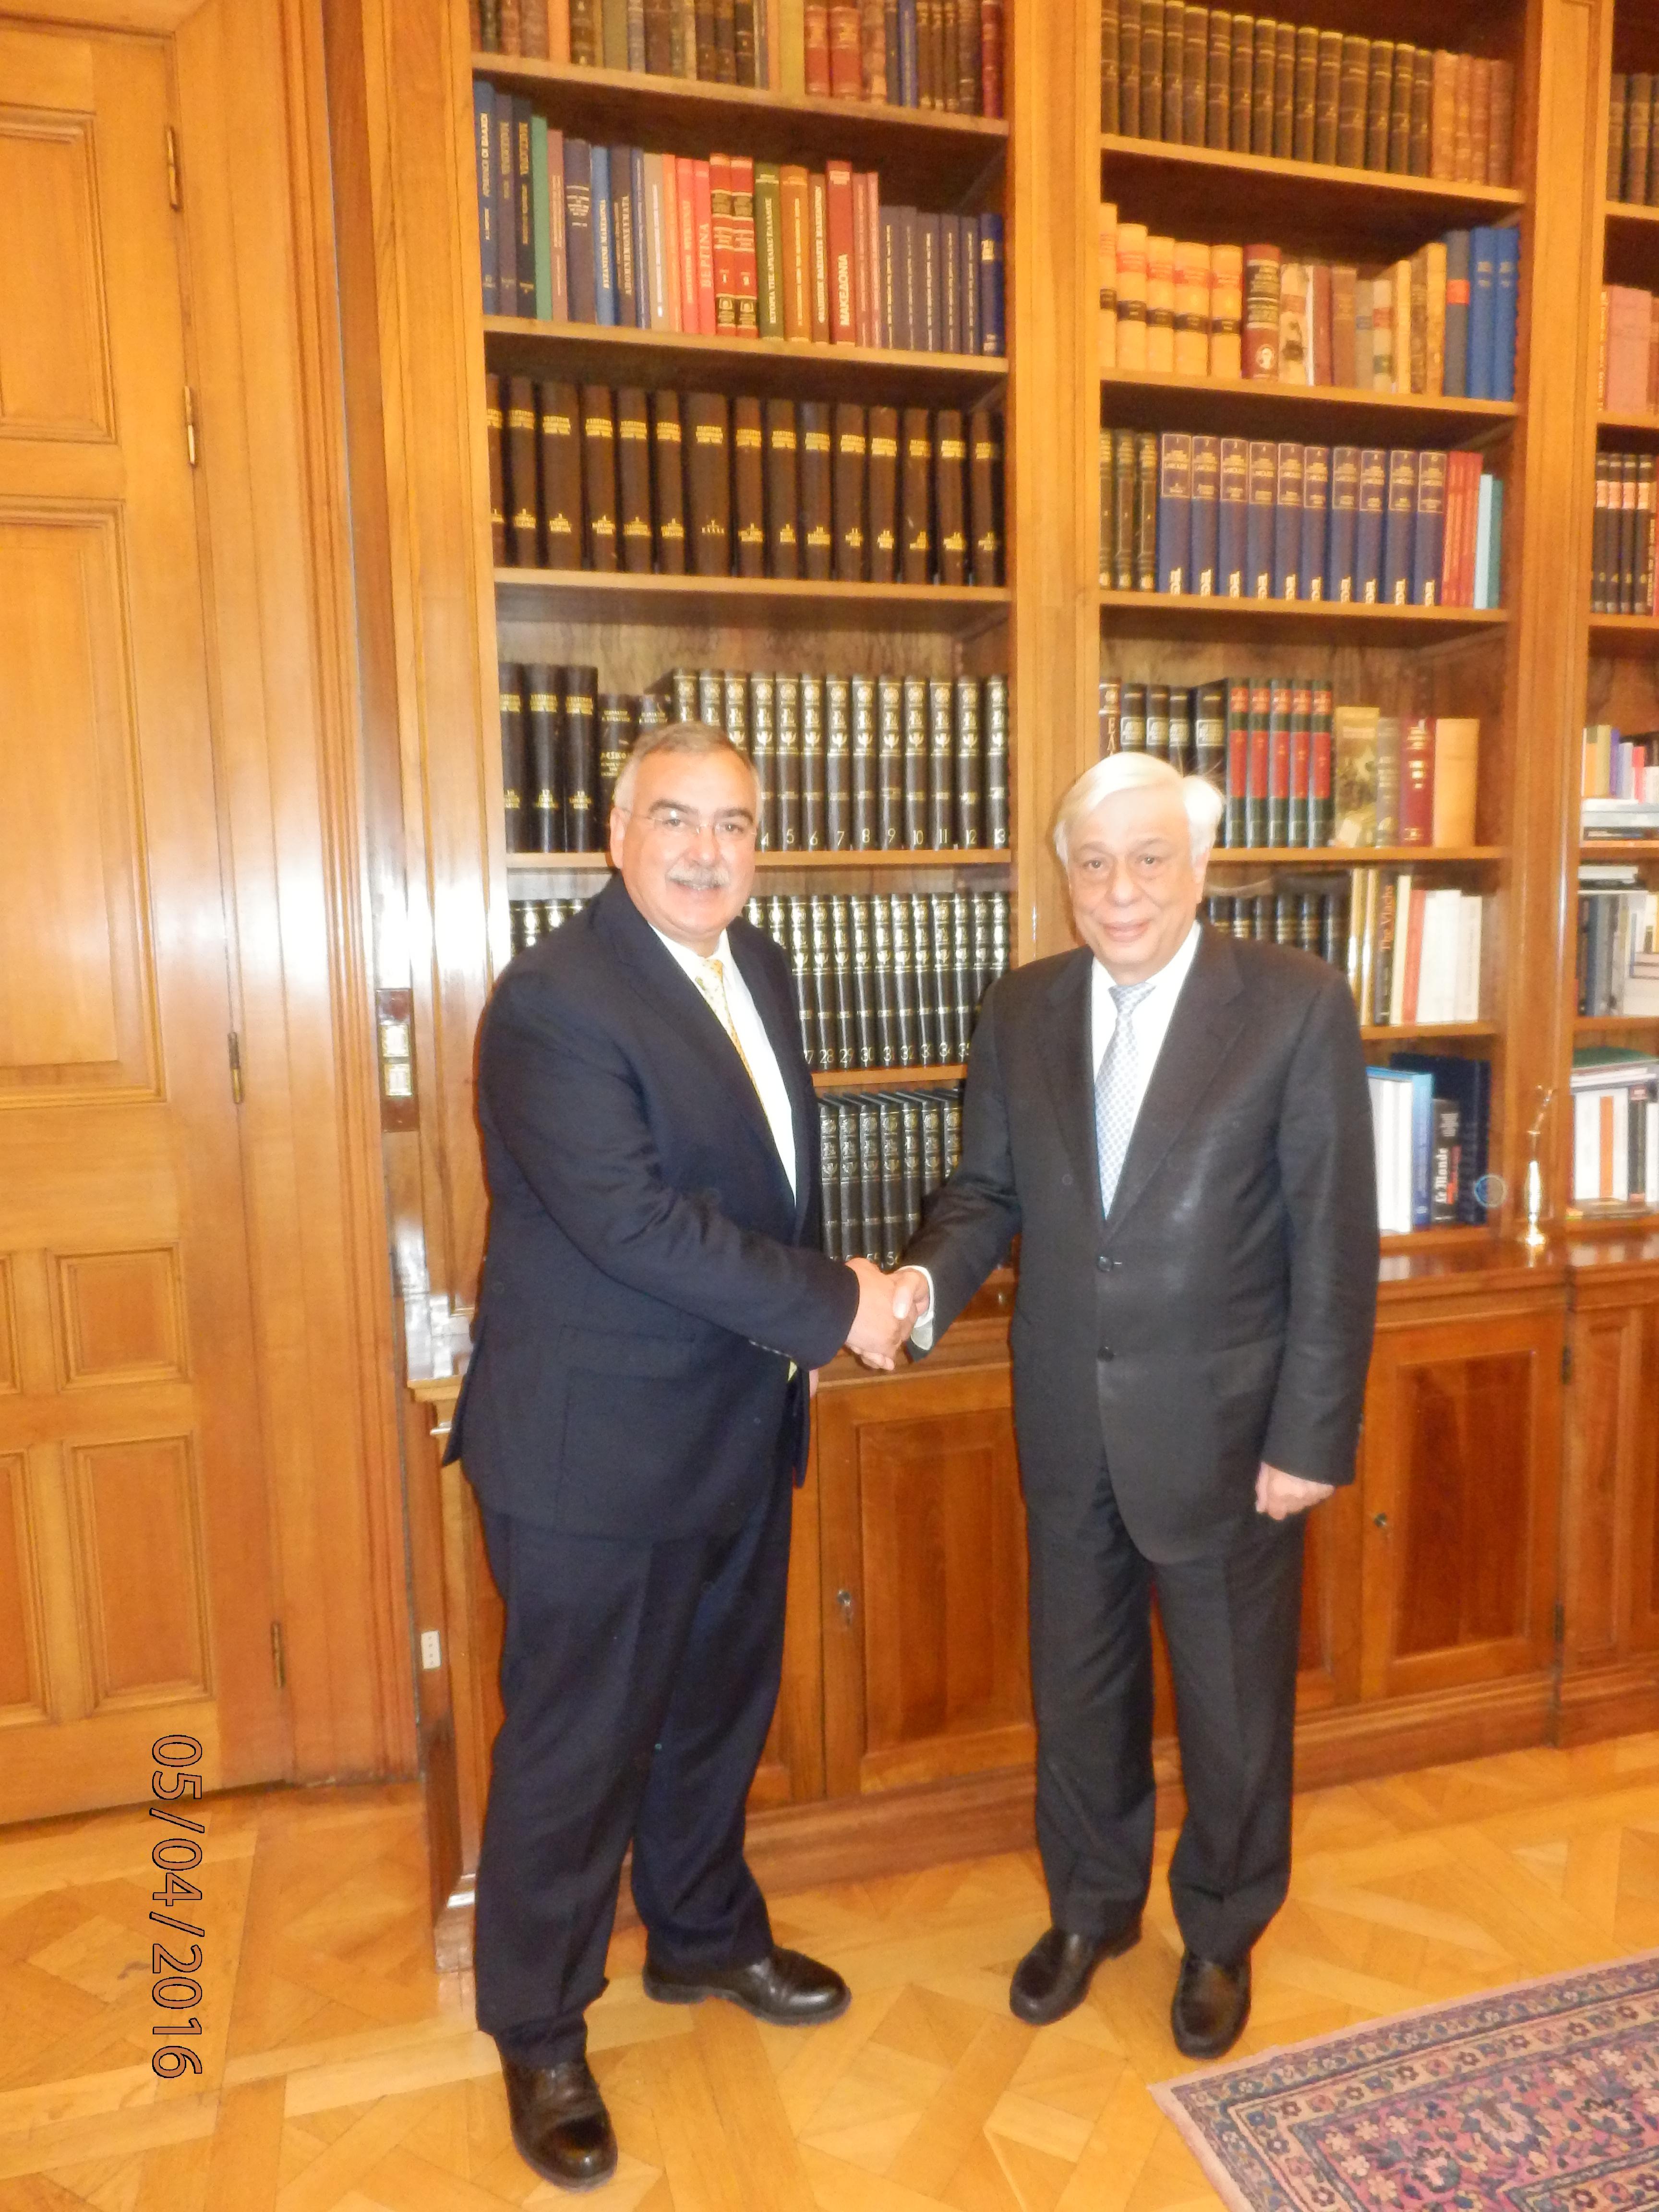 Ο Πρόεδρος Δημοκρατίας Προκόπης Παυλόπουλος με τον Δήμαρχο Καρπάθου Ηλία Λάμπρο στο Προεδρικό Μέγαρο.